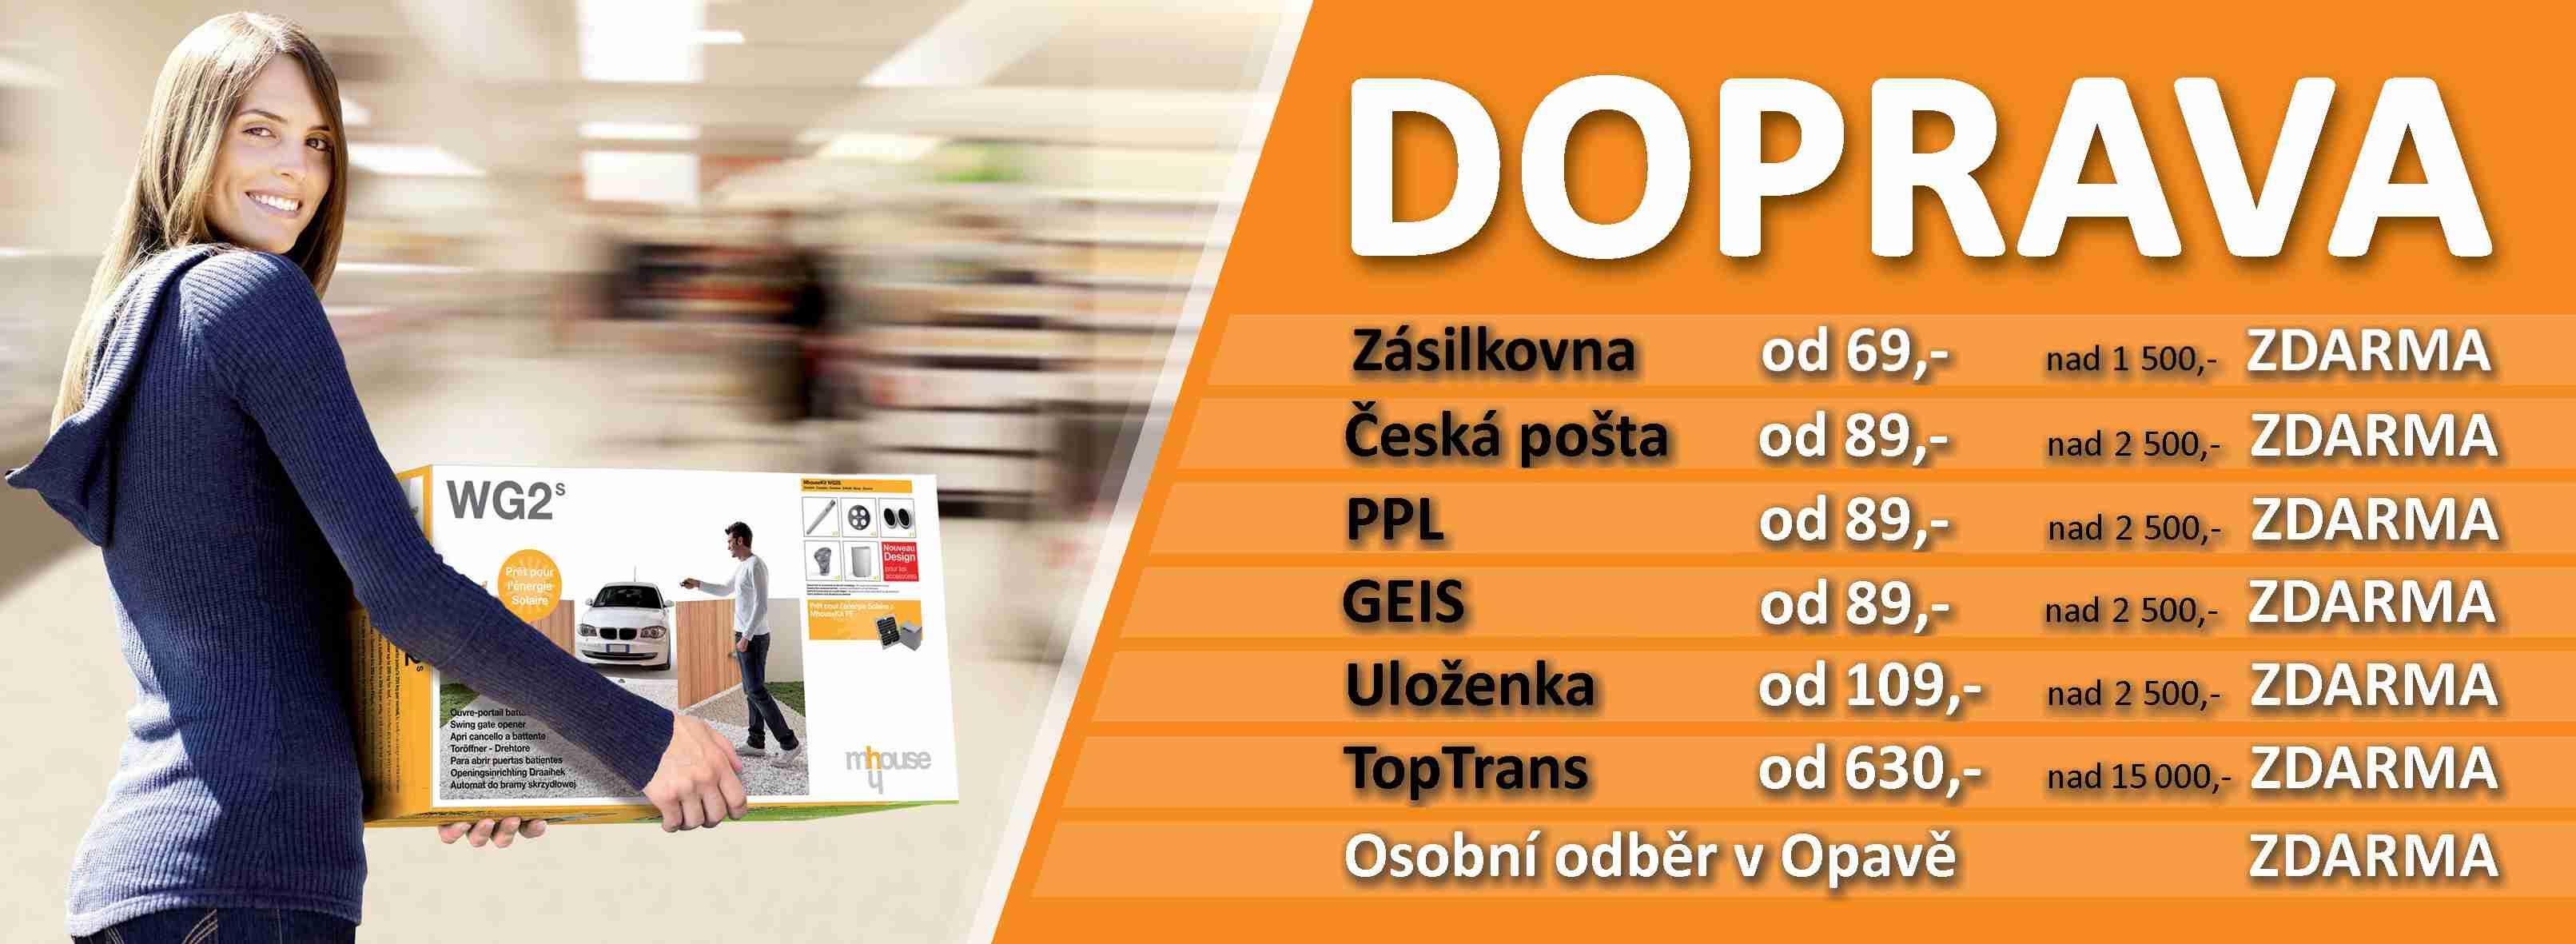 Přehled dopravy ČR Pohony-Mhouse.cz